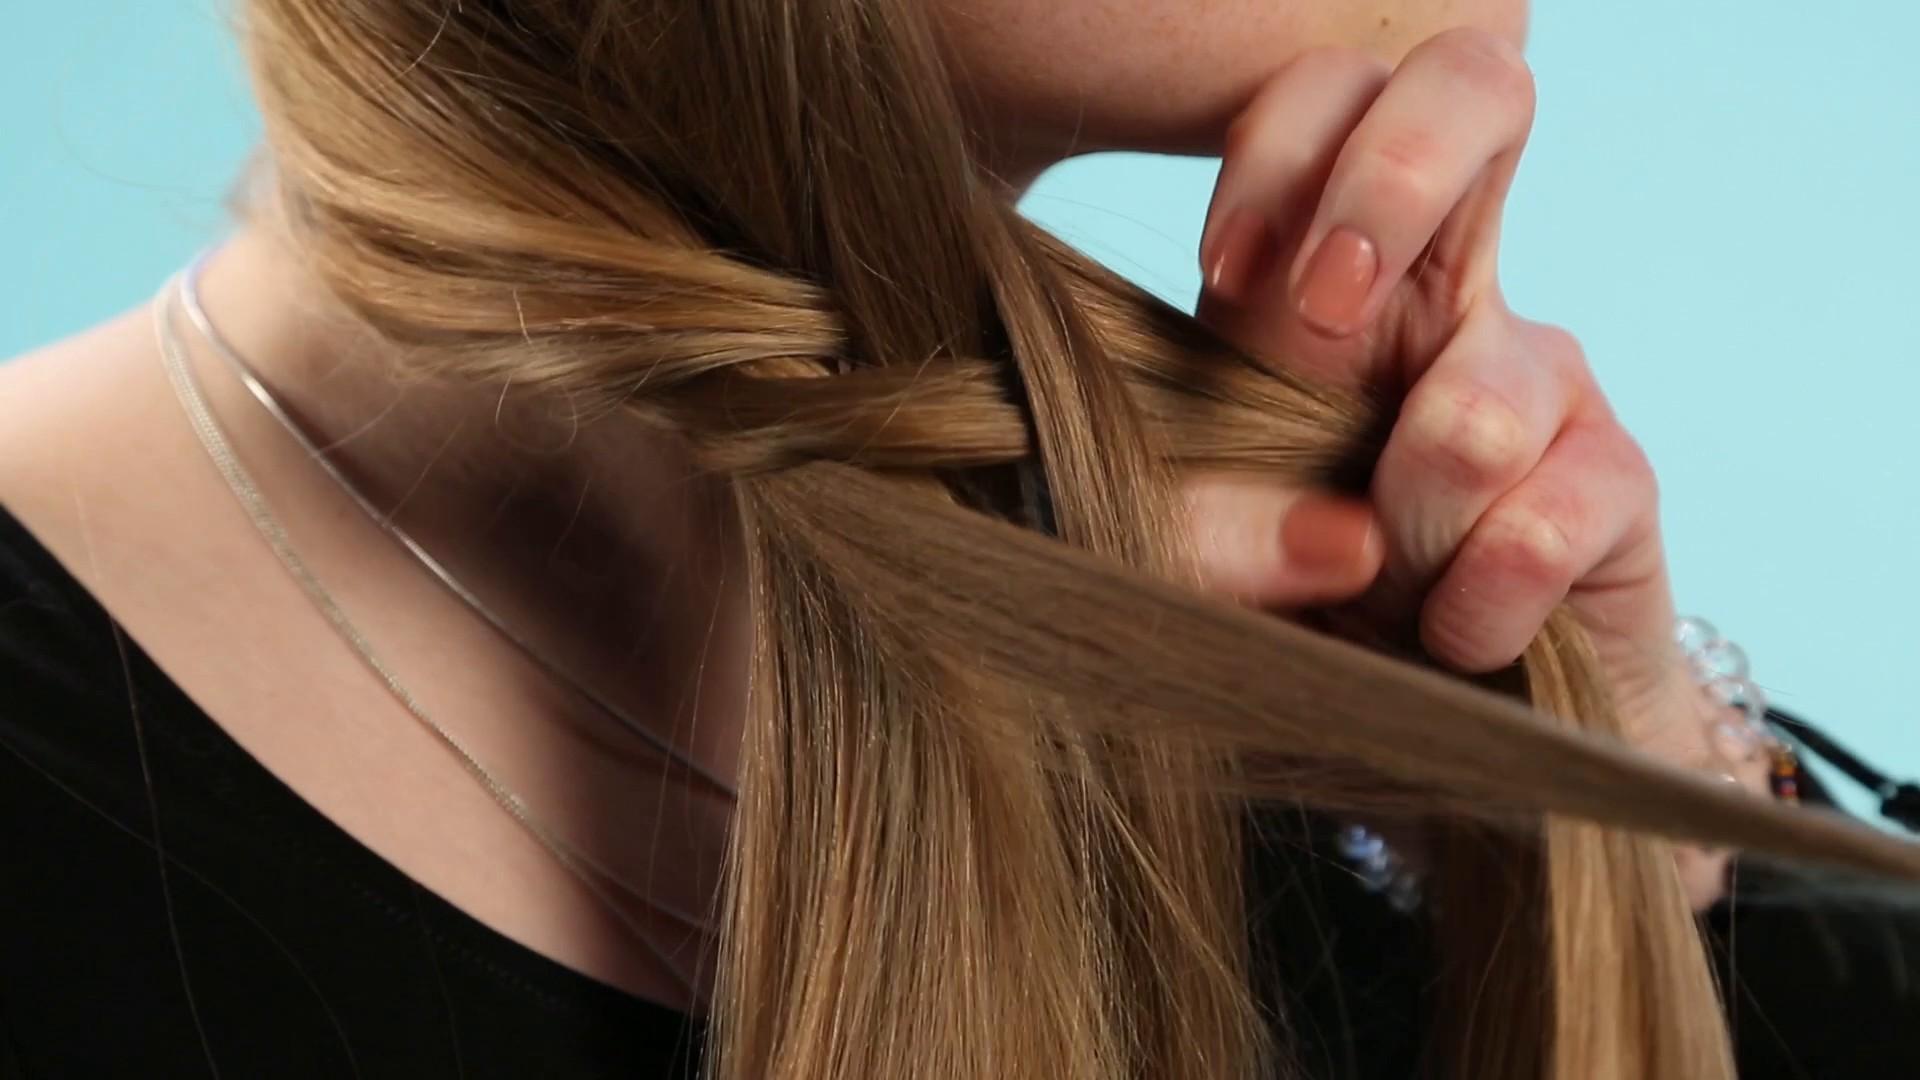 Frisur für lange Haare- Verspielter Zopf_EL.mp4: main image